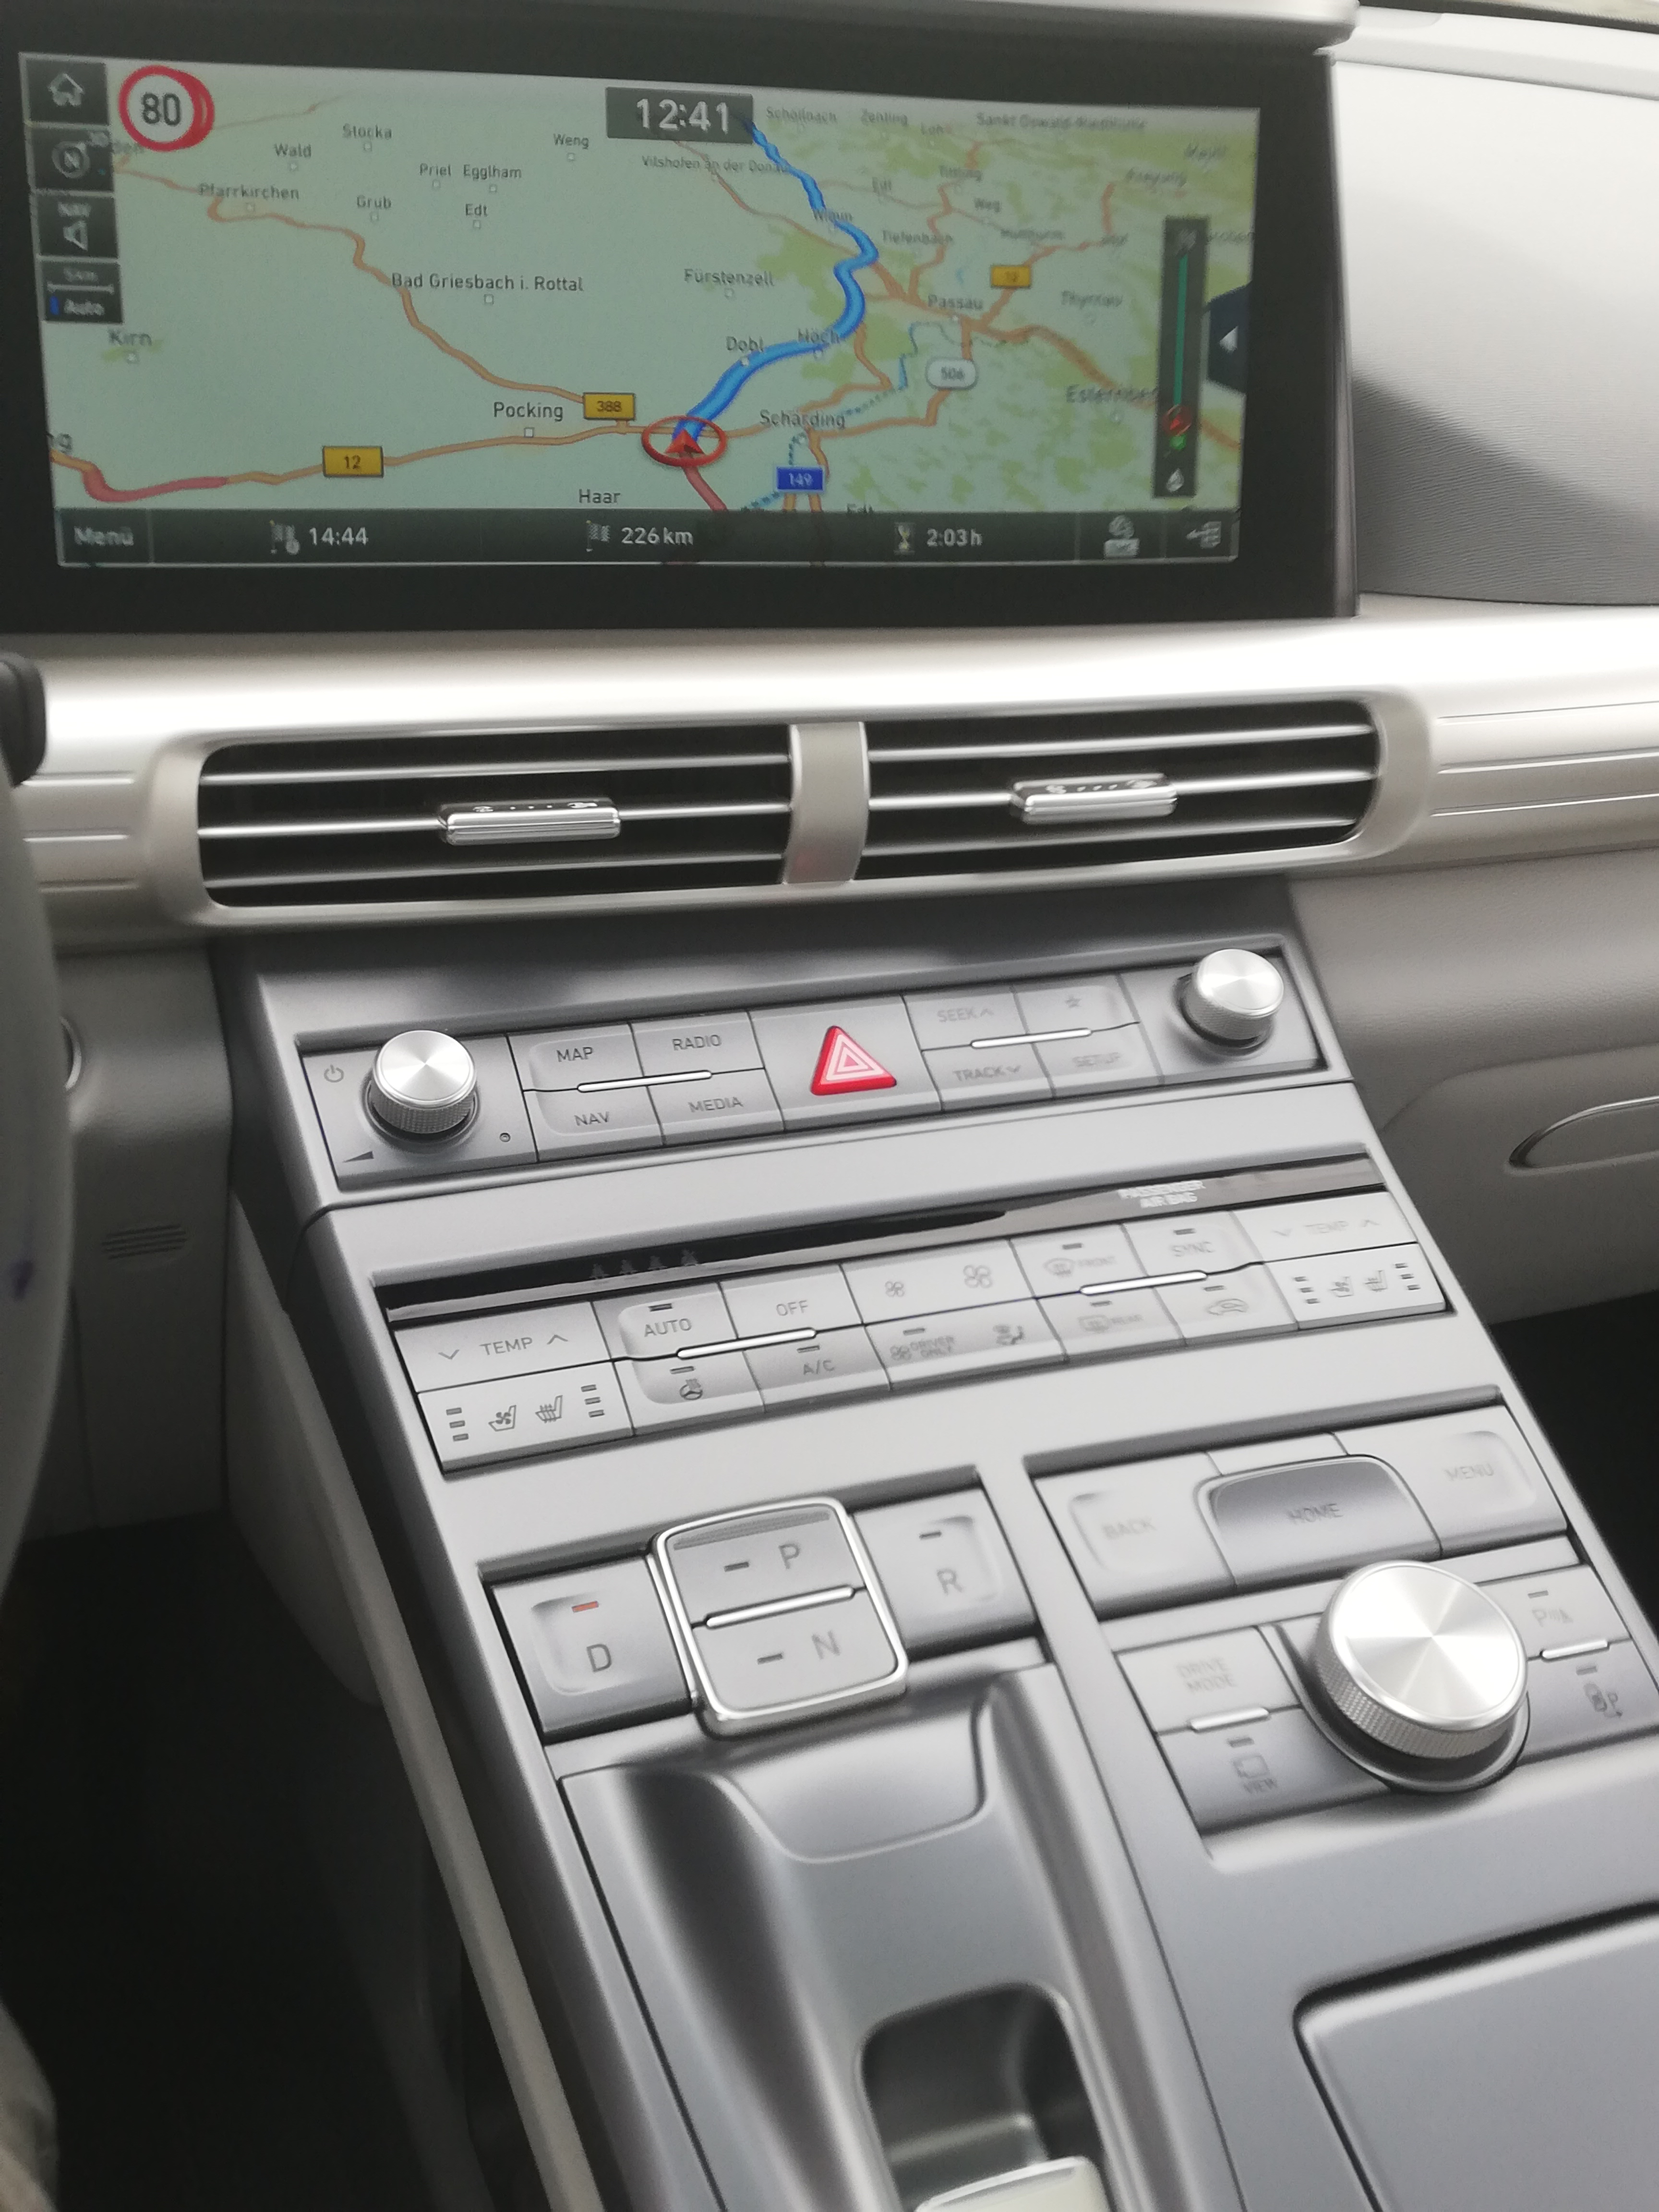 hyundai-nexo-range-test-hydrochan-Vienna-Offenbach-Innsbruck screen functions mittelkonsole bildschirm